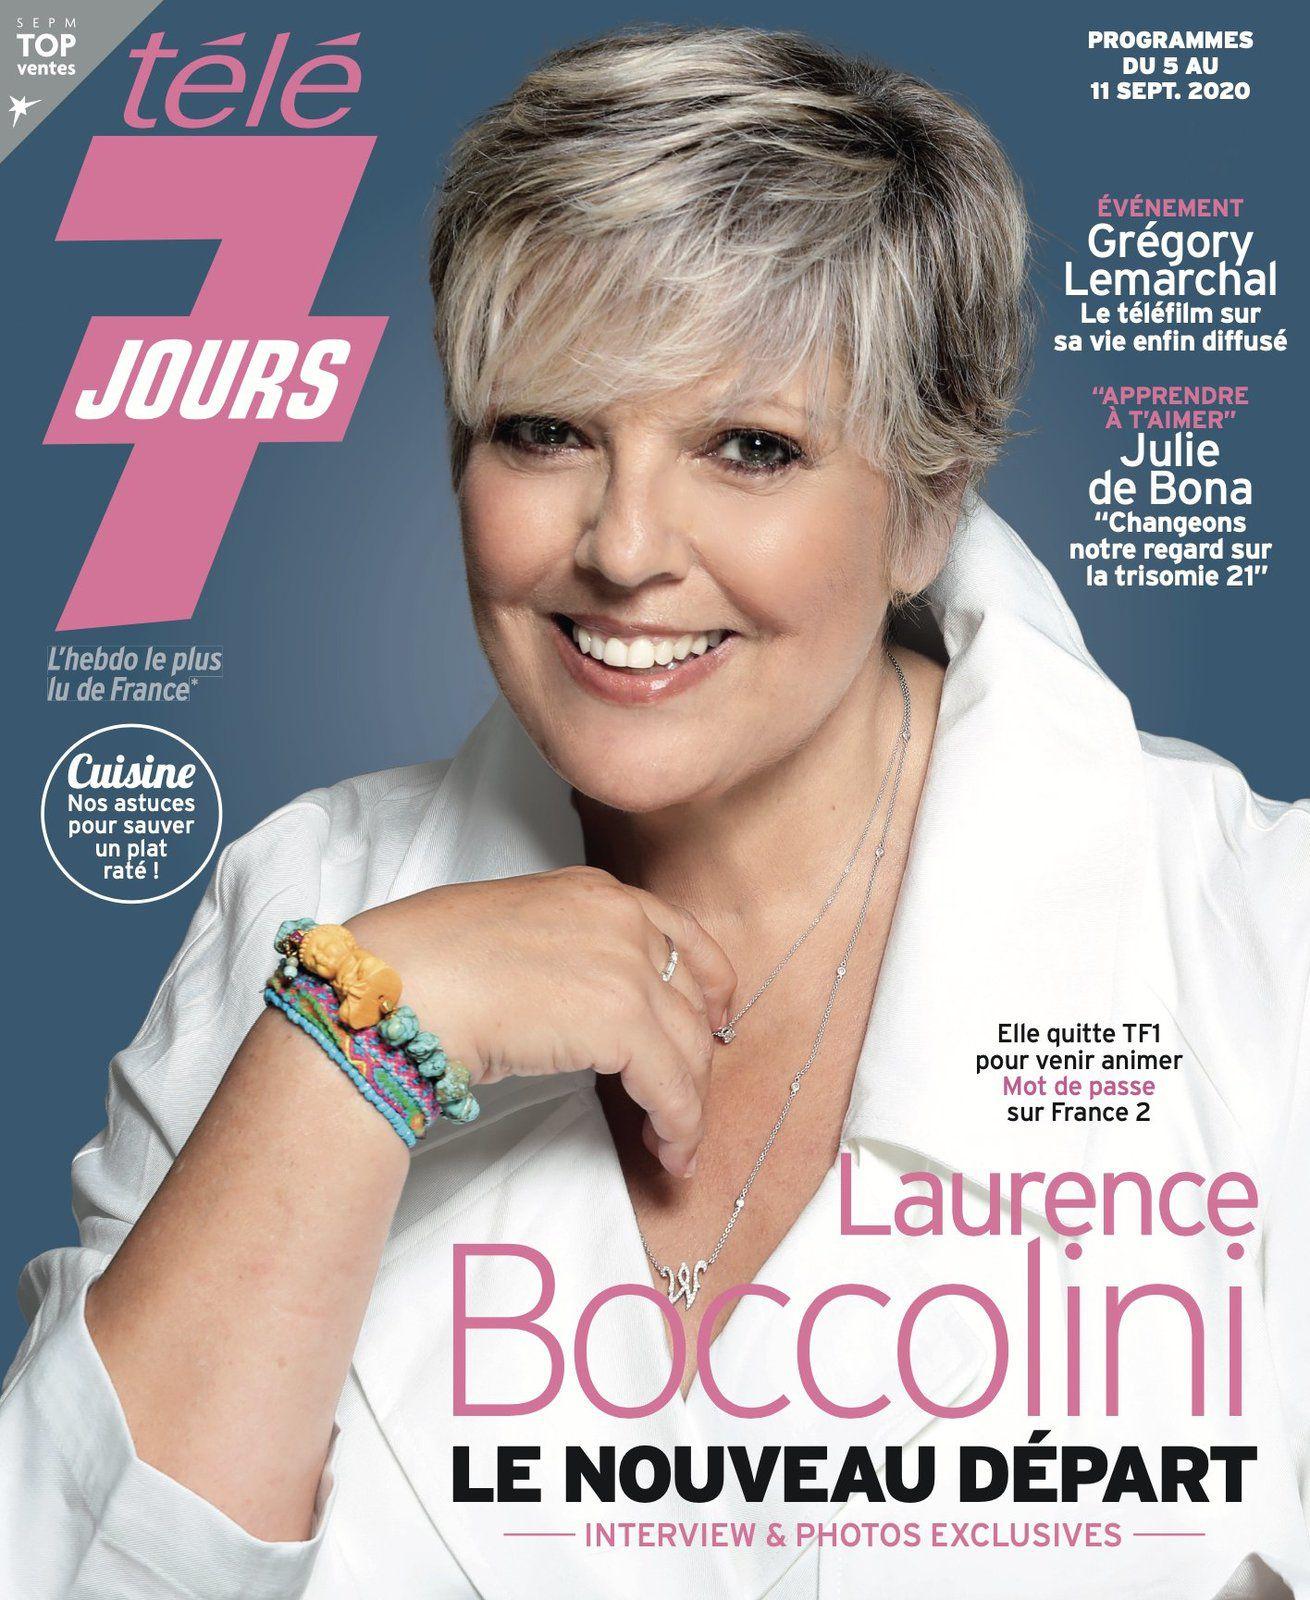 La une des hebdos de la presse TV ce lundi : Mickaël Lumière, Grégory Lemarchal, Laurence Boccolini…